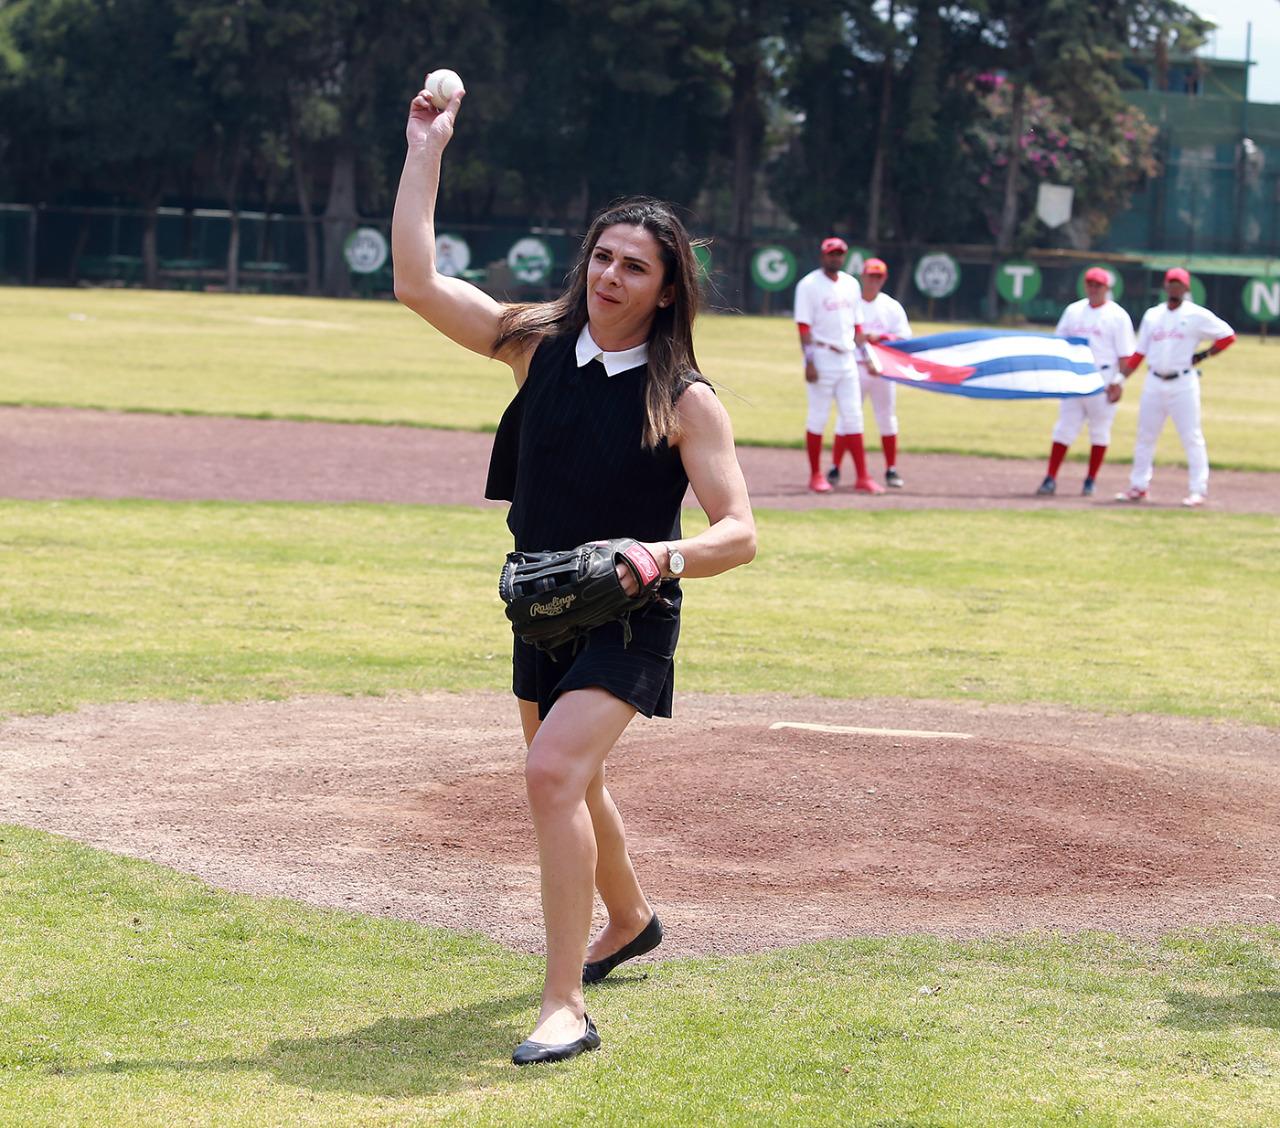 Ana Guevara calentando el brazo